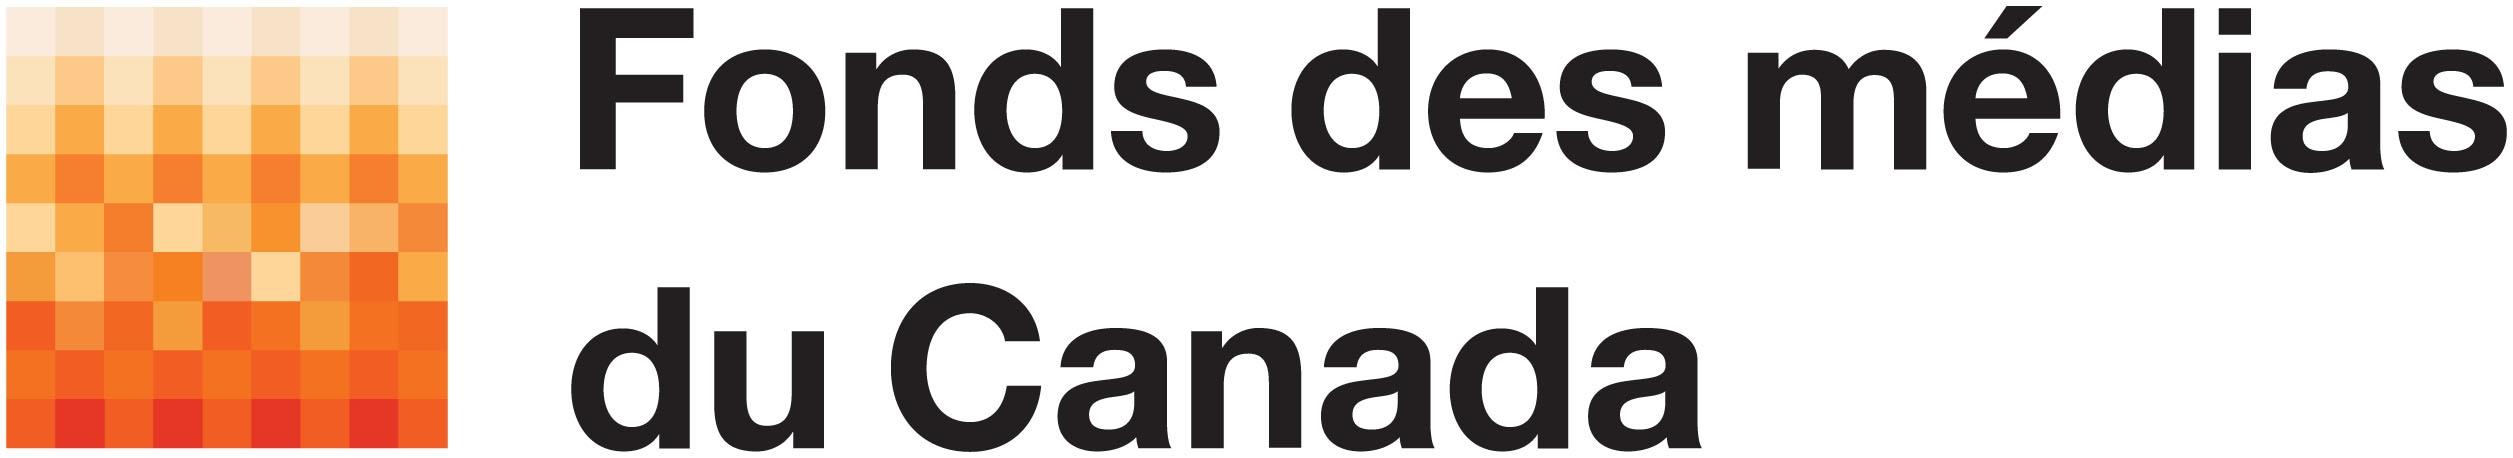 Fonds des médias du Canada